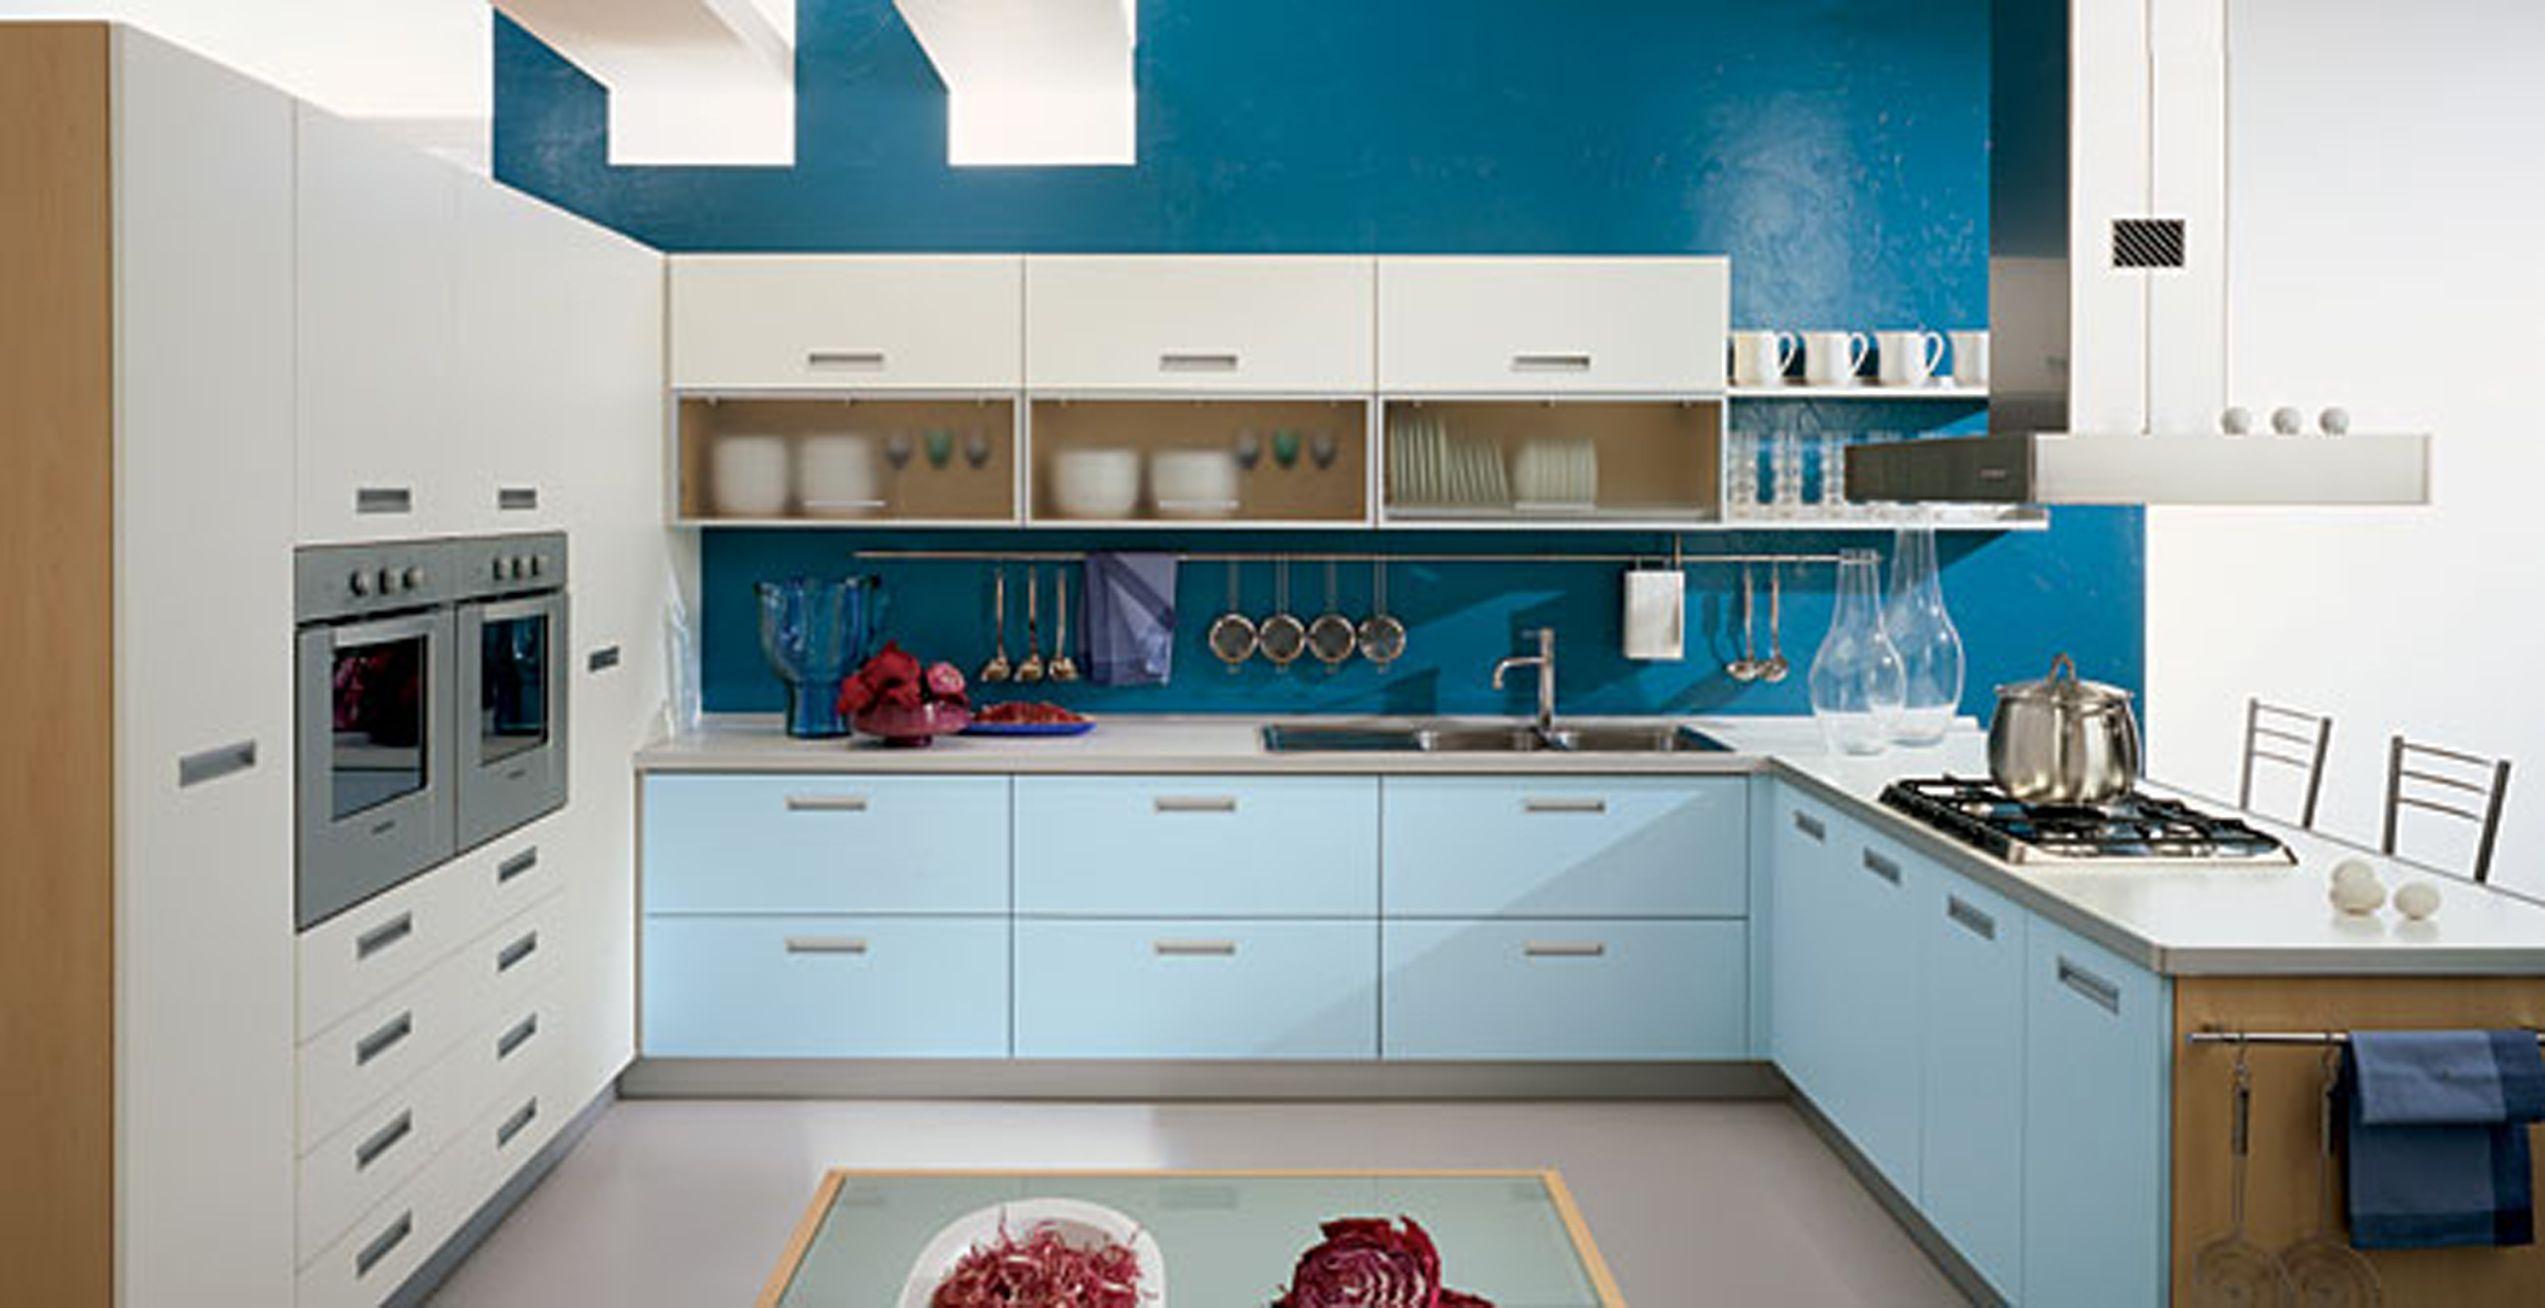 kitchen floor plans kitchen island design ideas gourmet kitchen ...